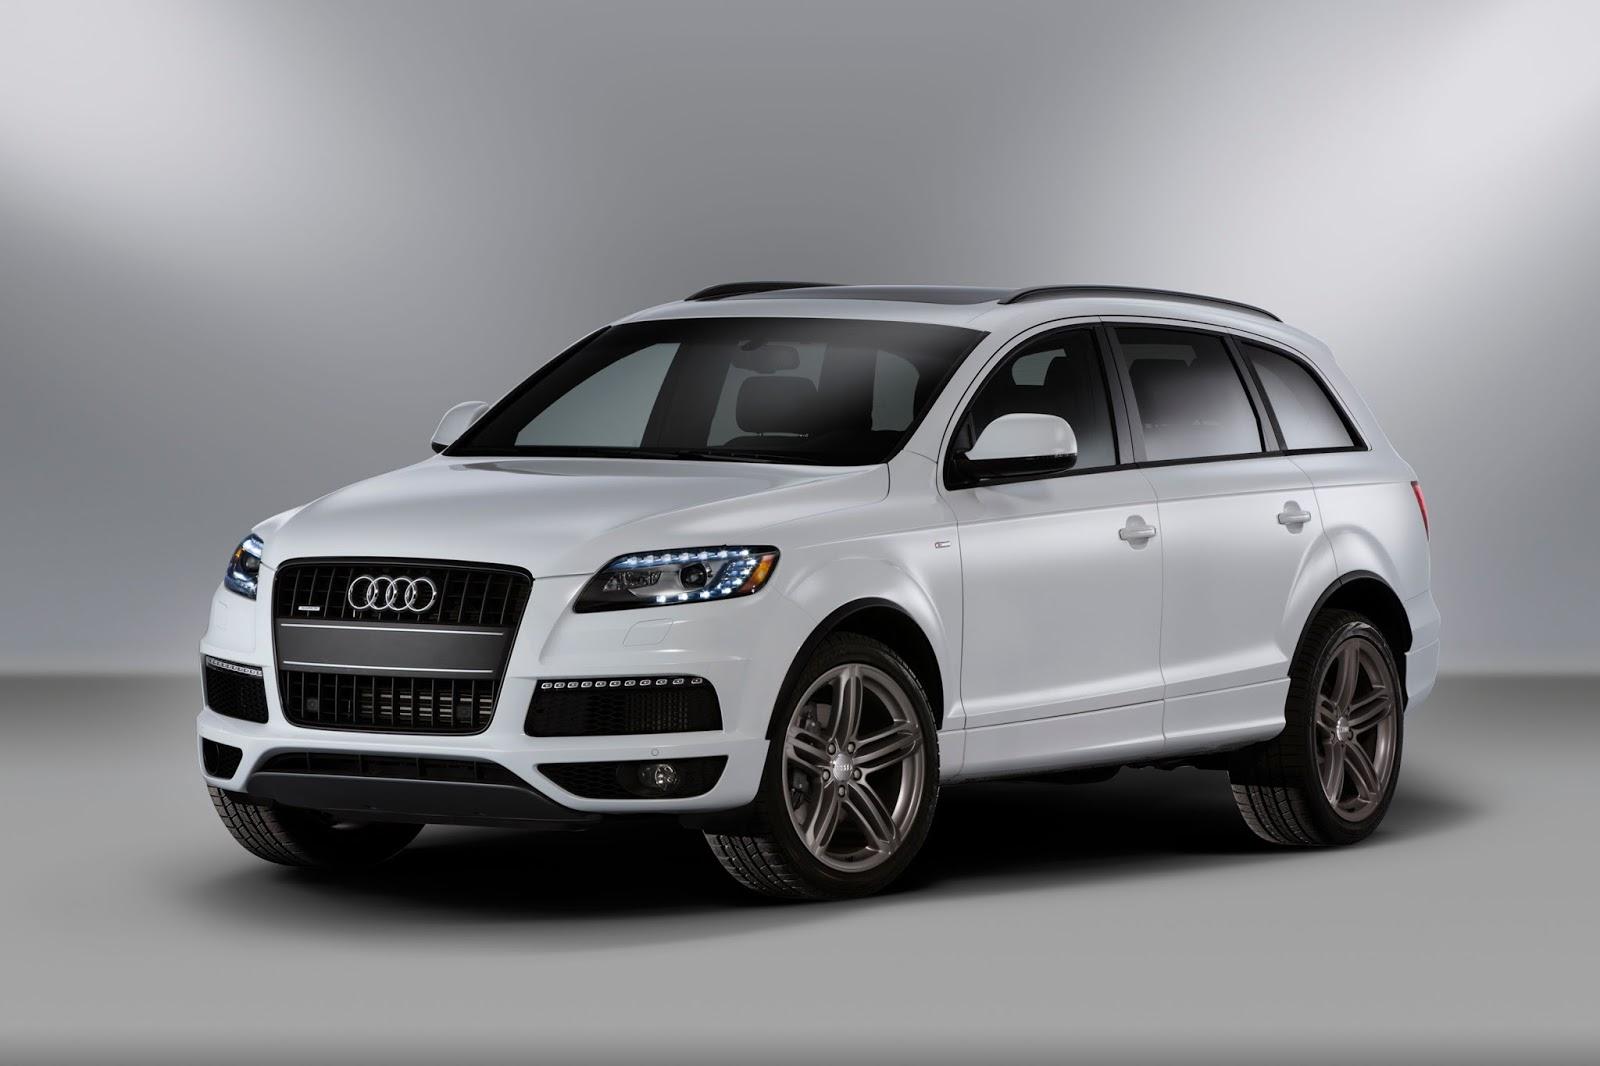 2012 Audi Q7 white